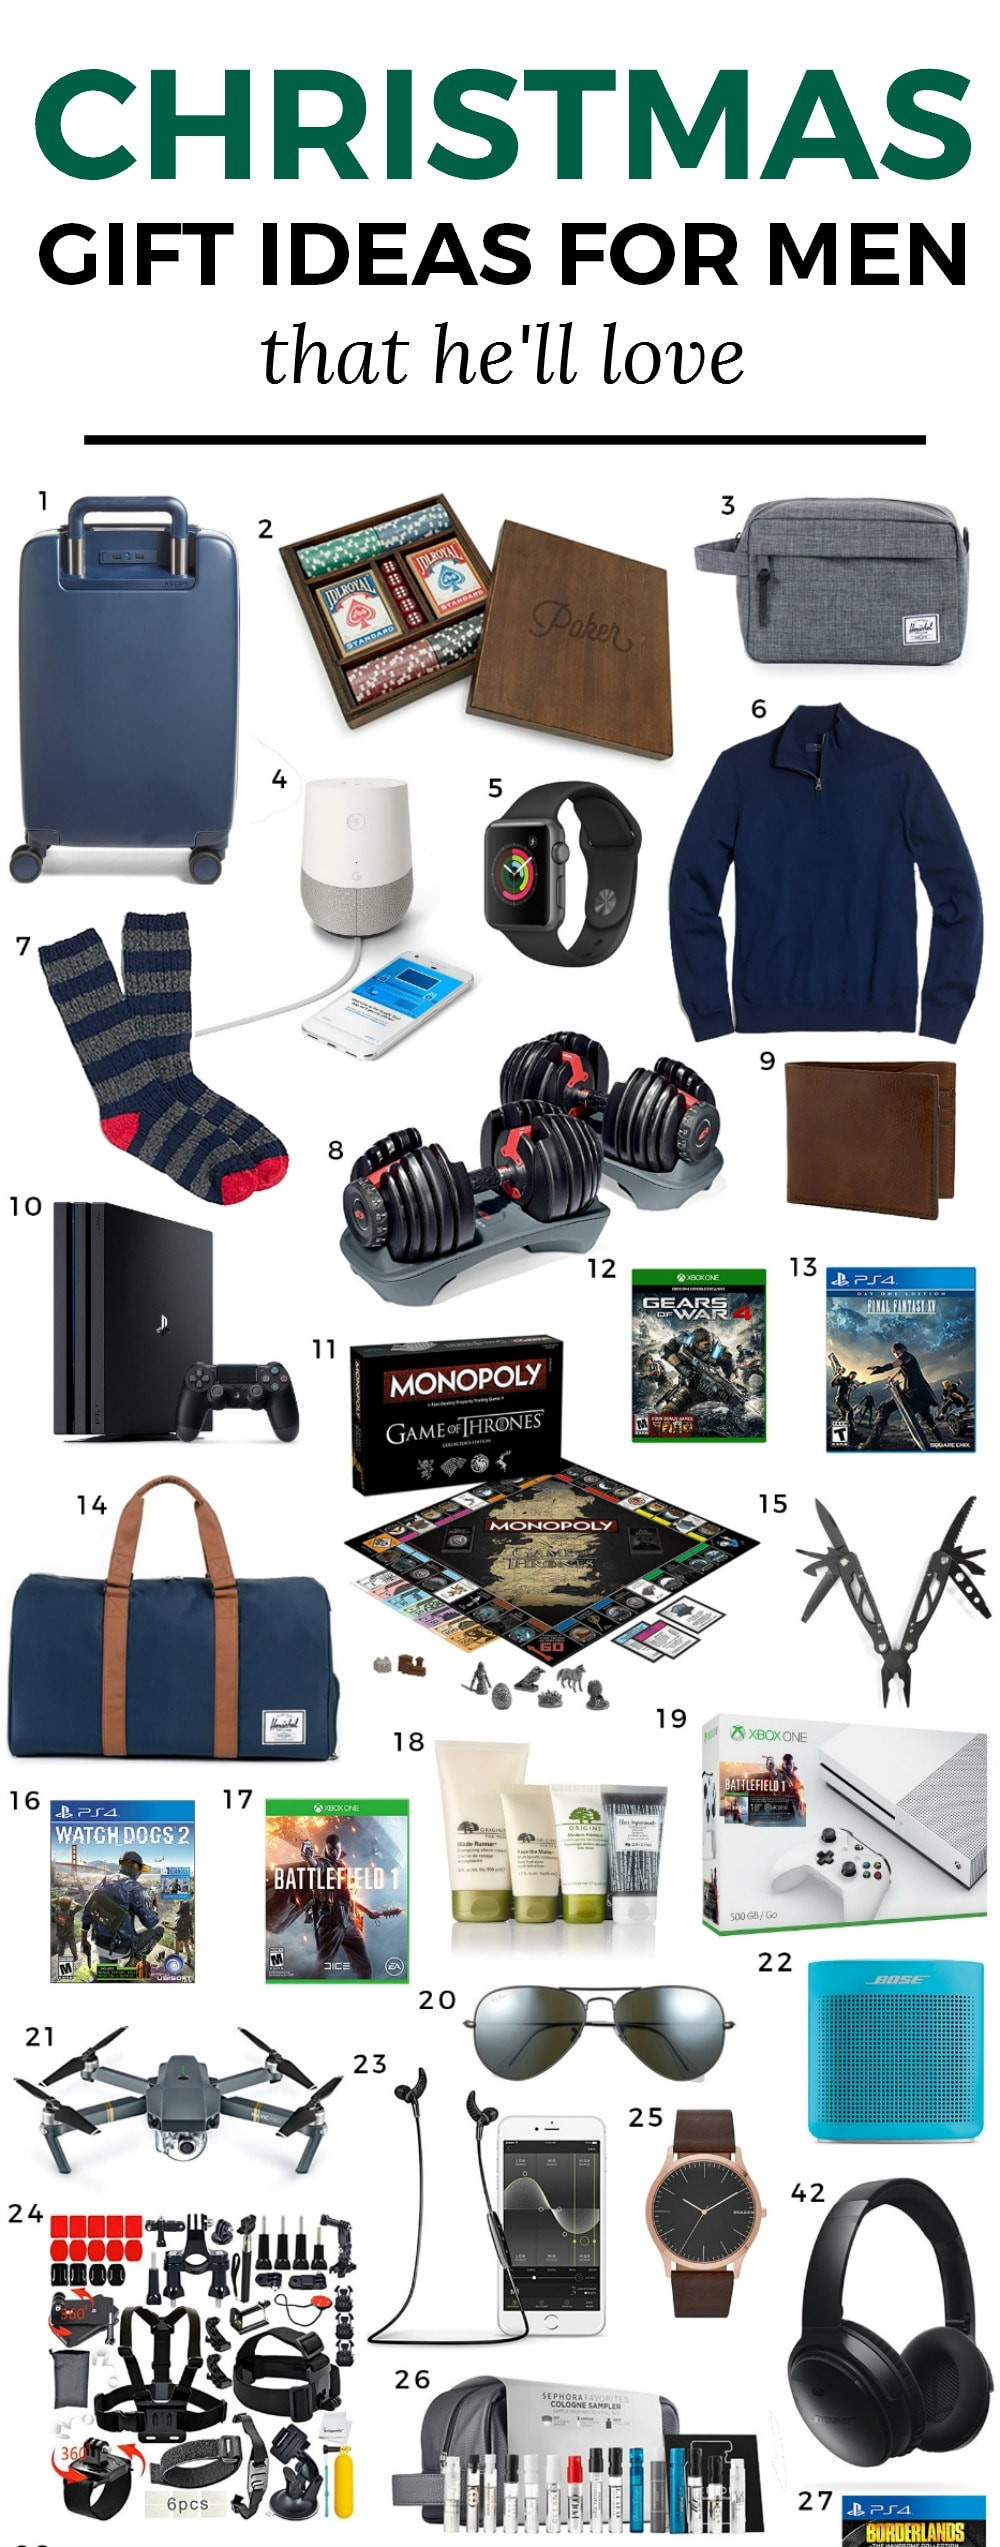 Mens Gift Ideas For Christmas  The Best Christmas Gift Ideas for Men